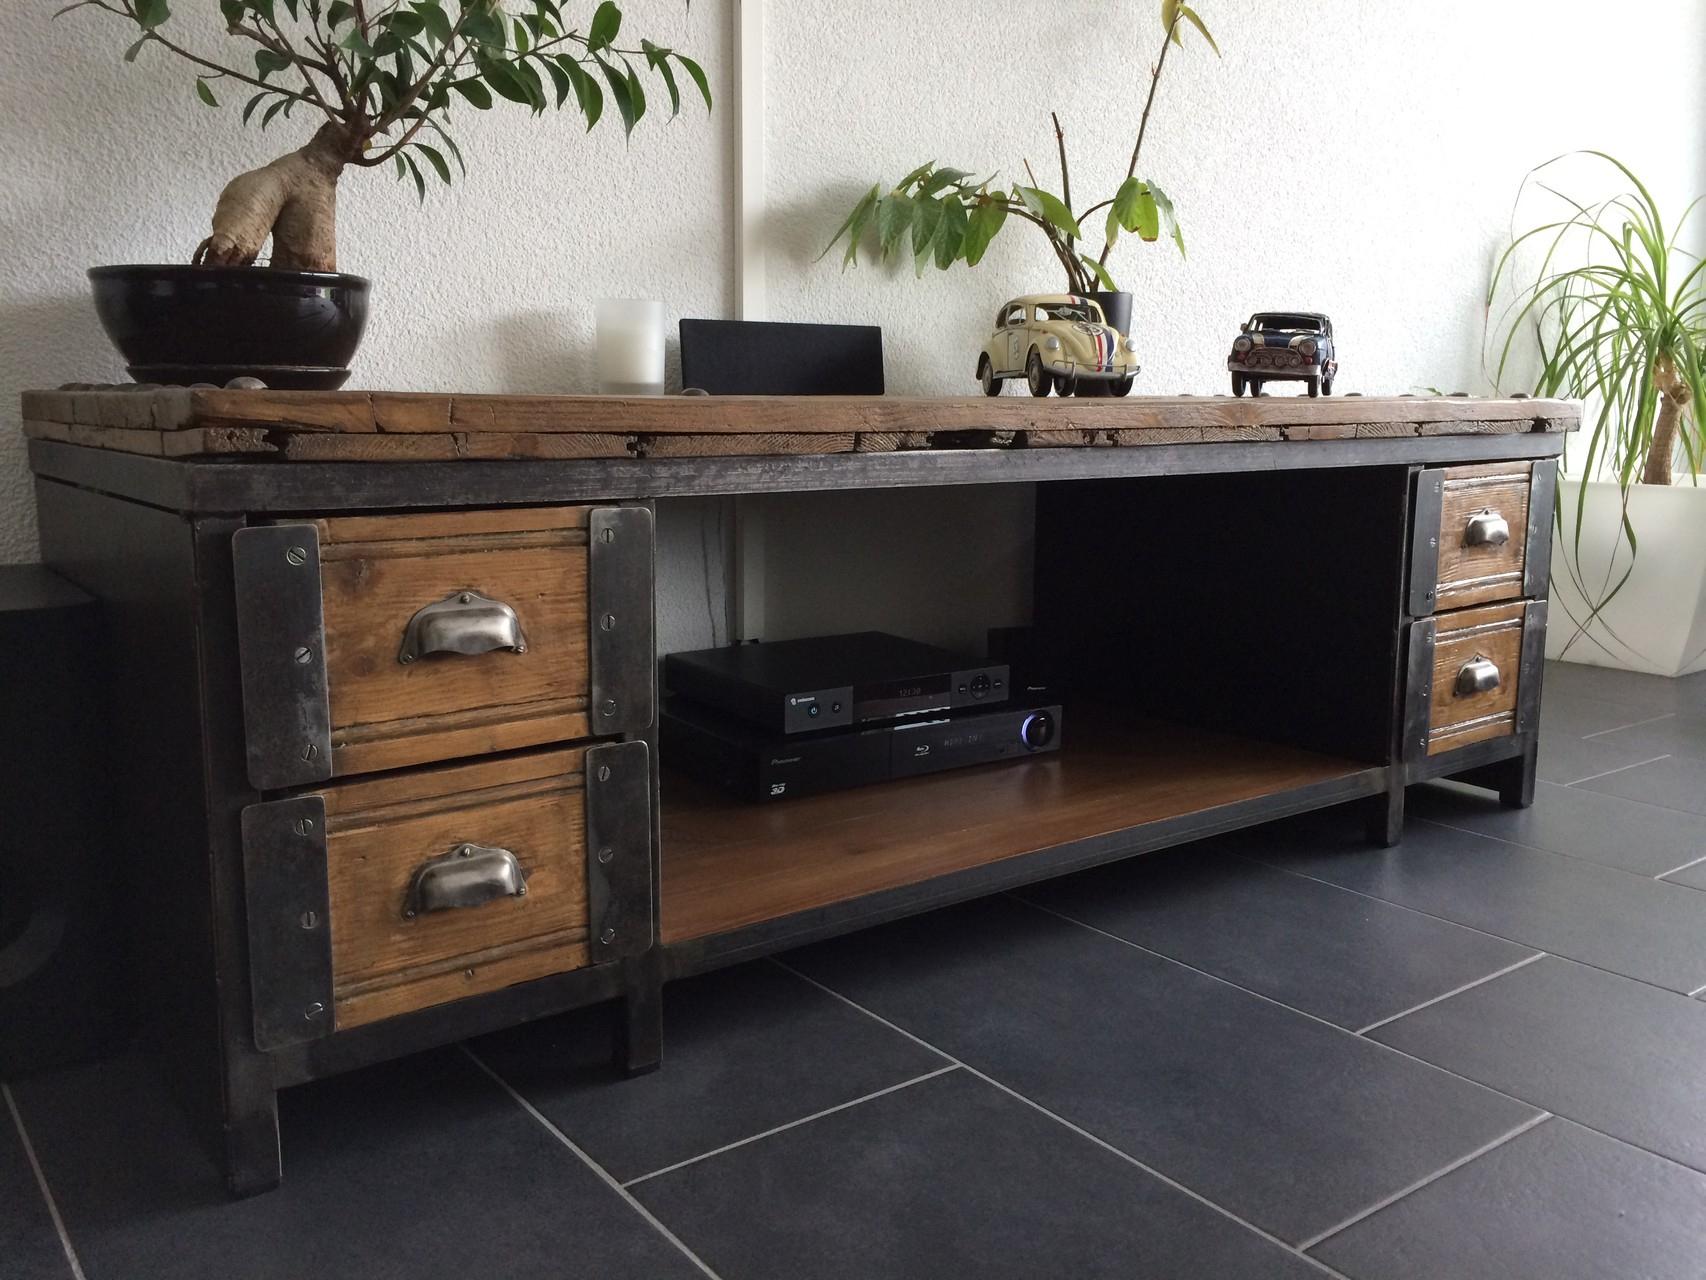 Table Basse / Meuble Tv Industriel - Atelier Vintage destiné Meuble Industriel